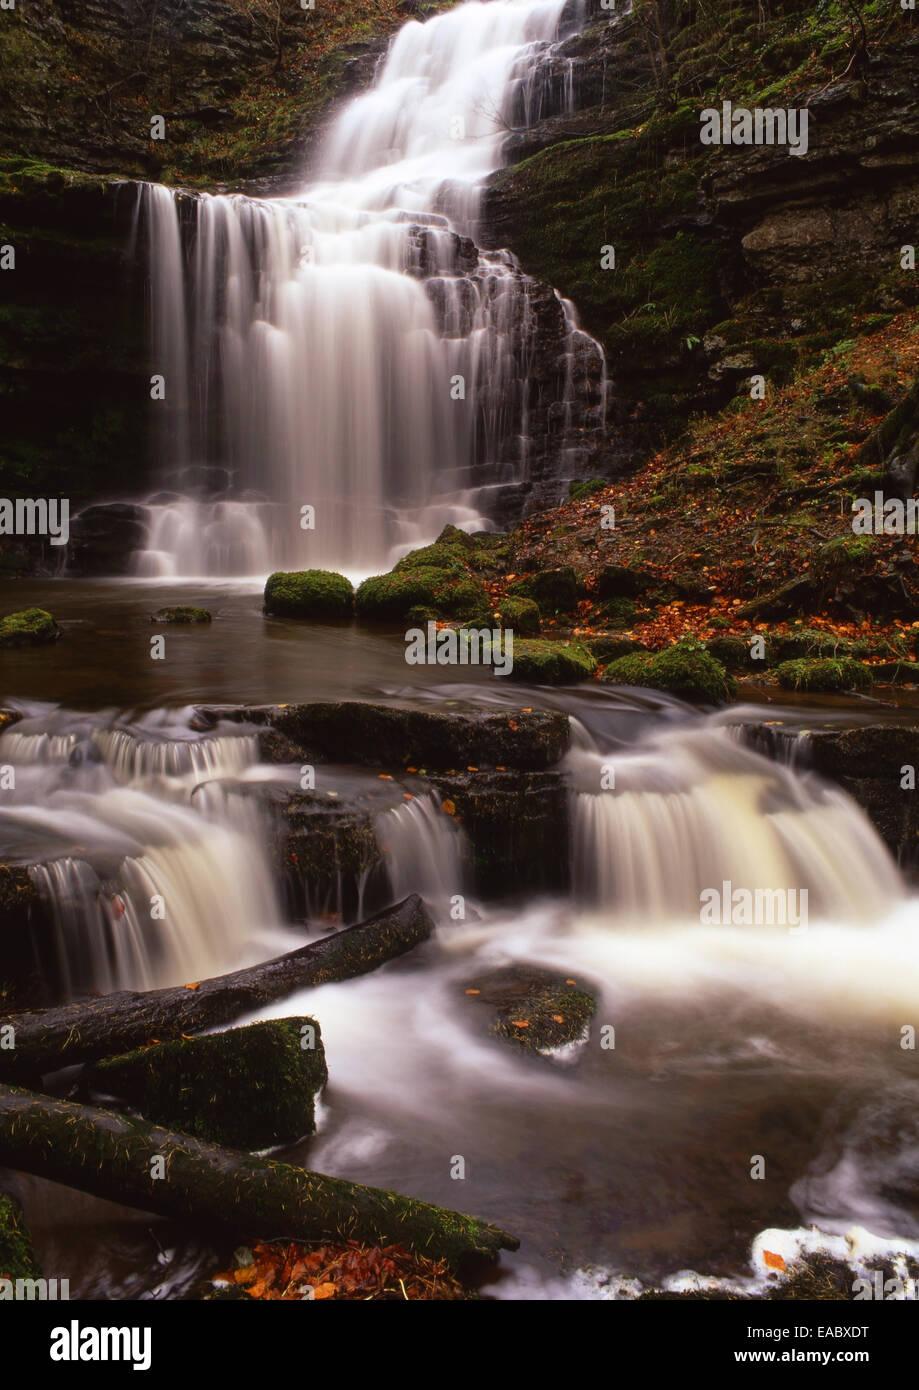 Scalebar Foss waterfall in autumn - Stock Image